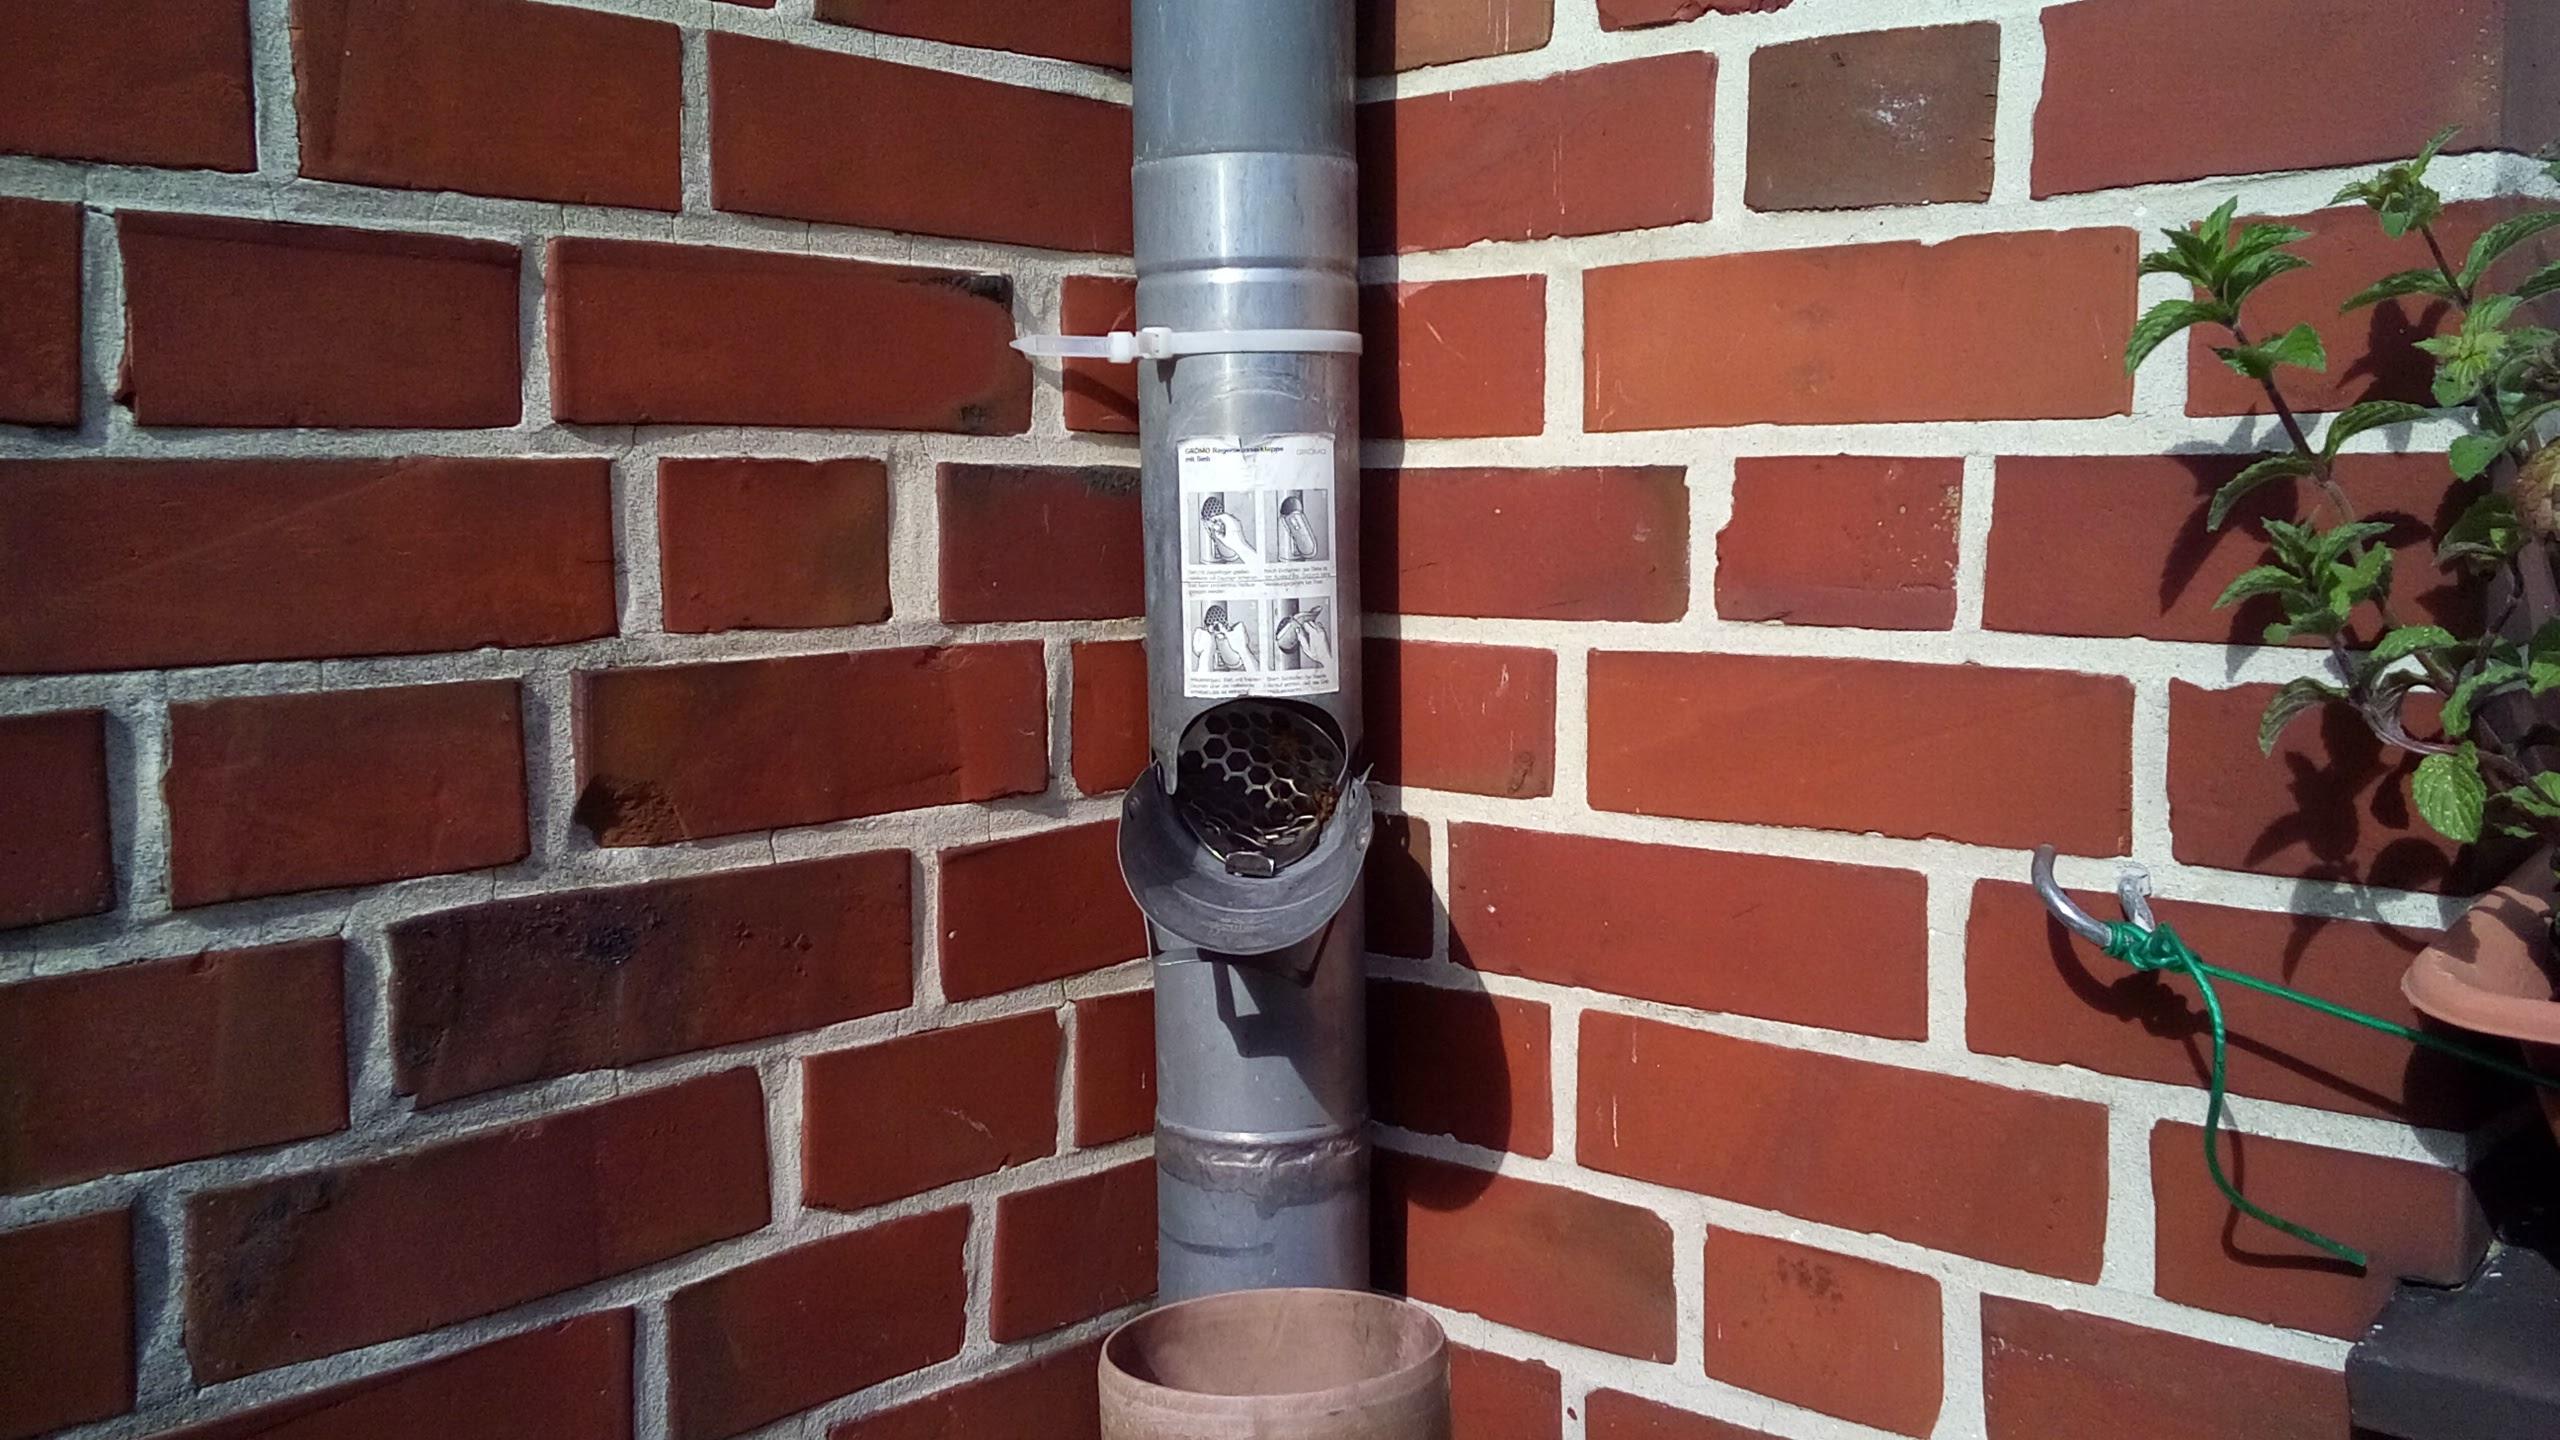 Regenwasser Sammeln » So Installieren Sie Den Regenwasserbehälter